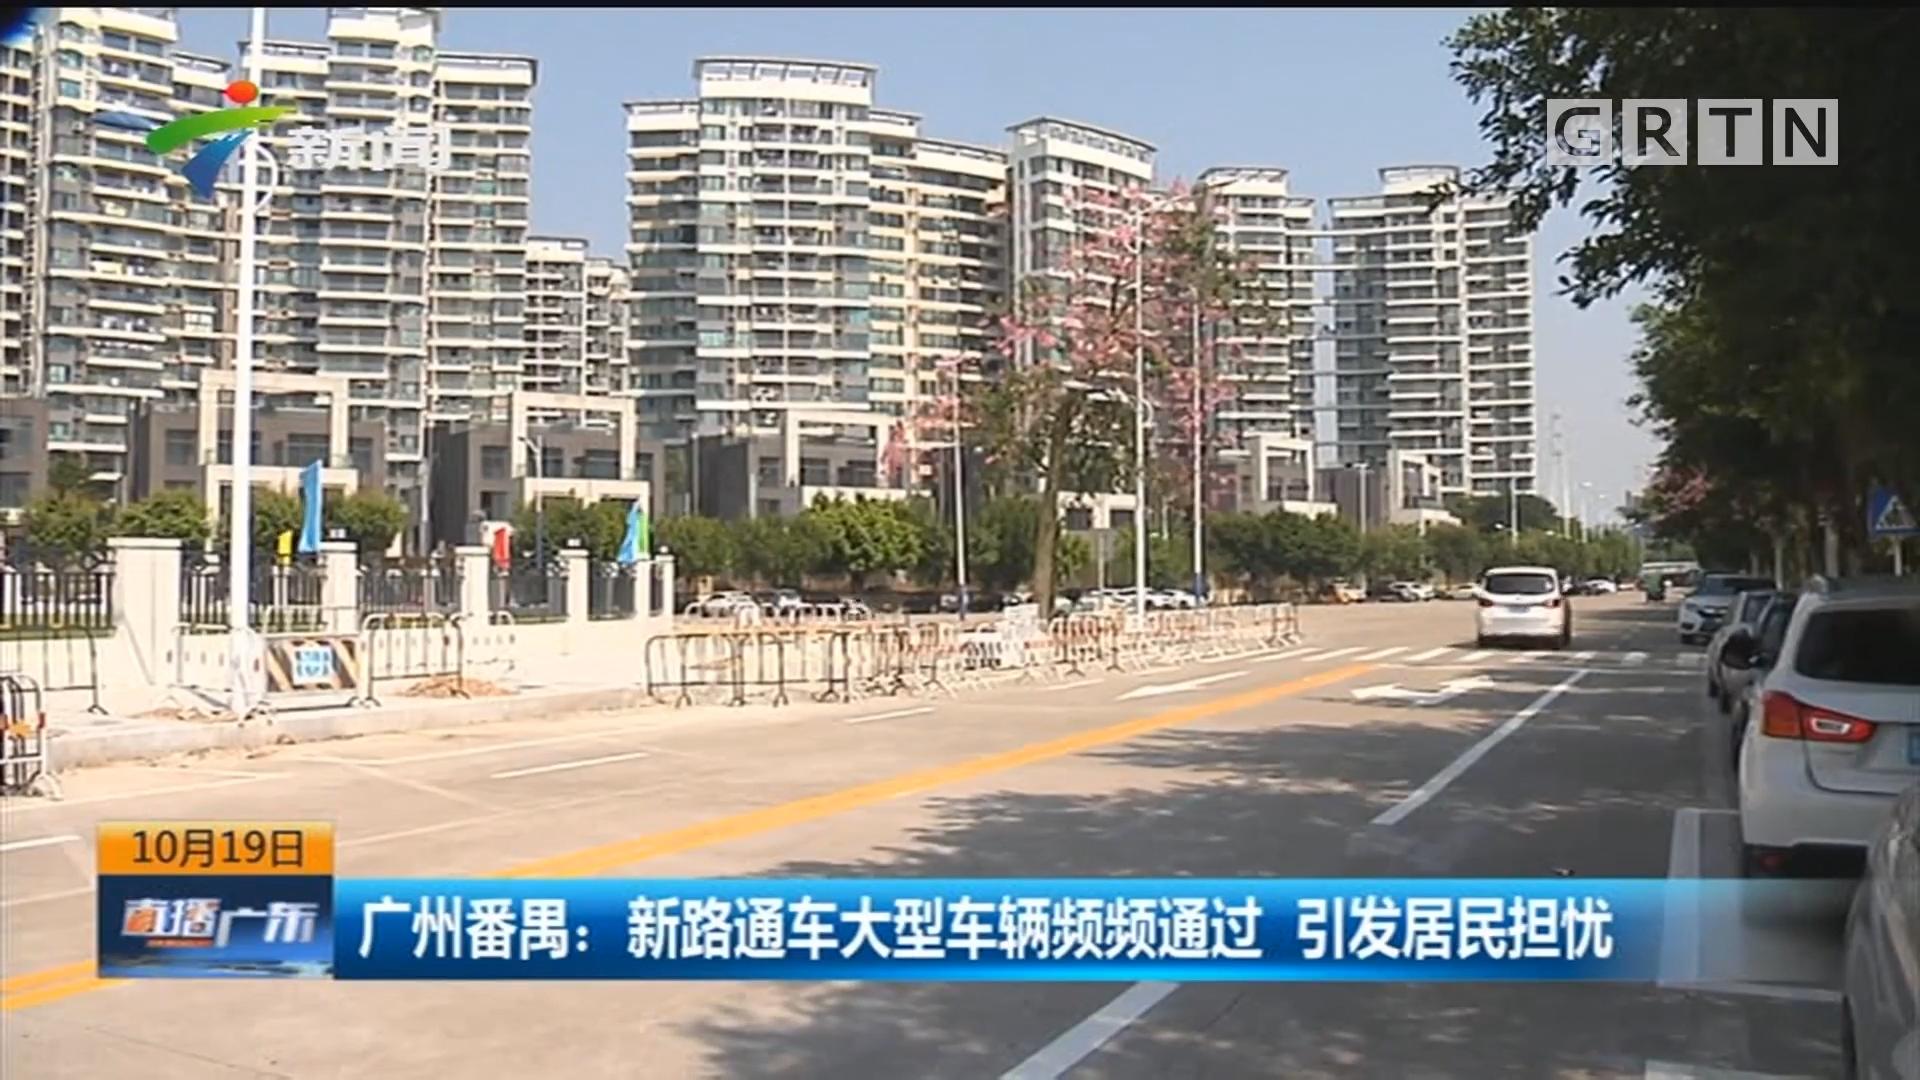 广州番禺:新路通车大型车辆频频通过 引发居民担忧